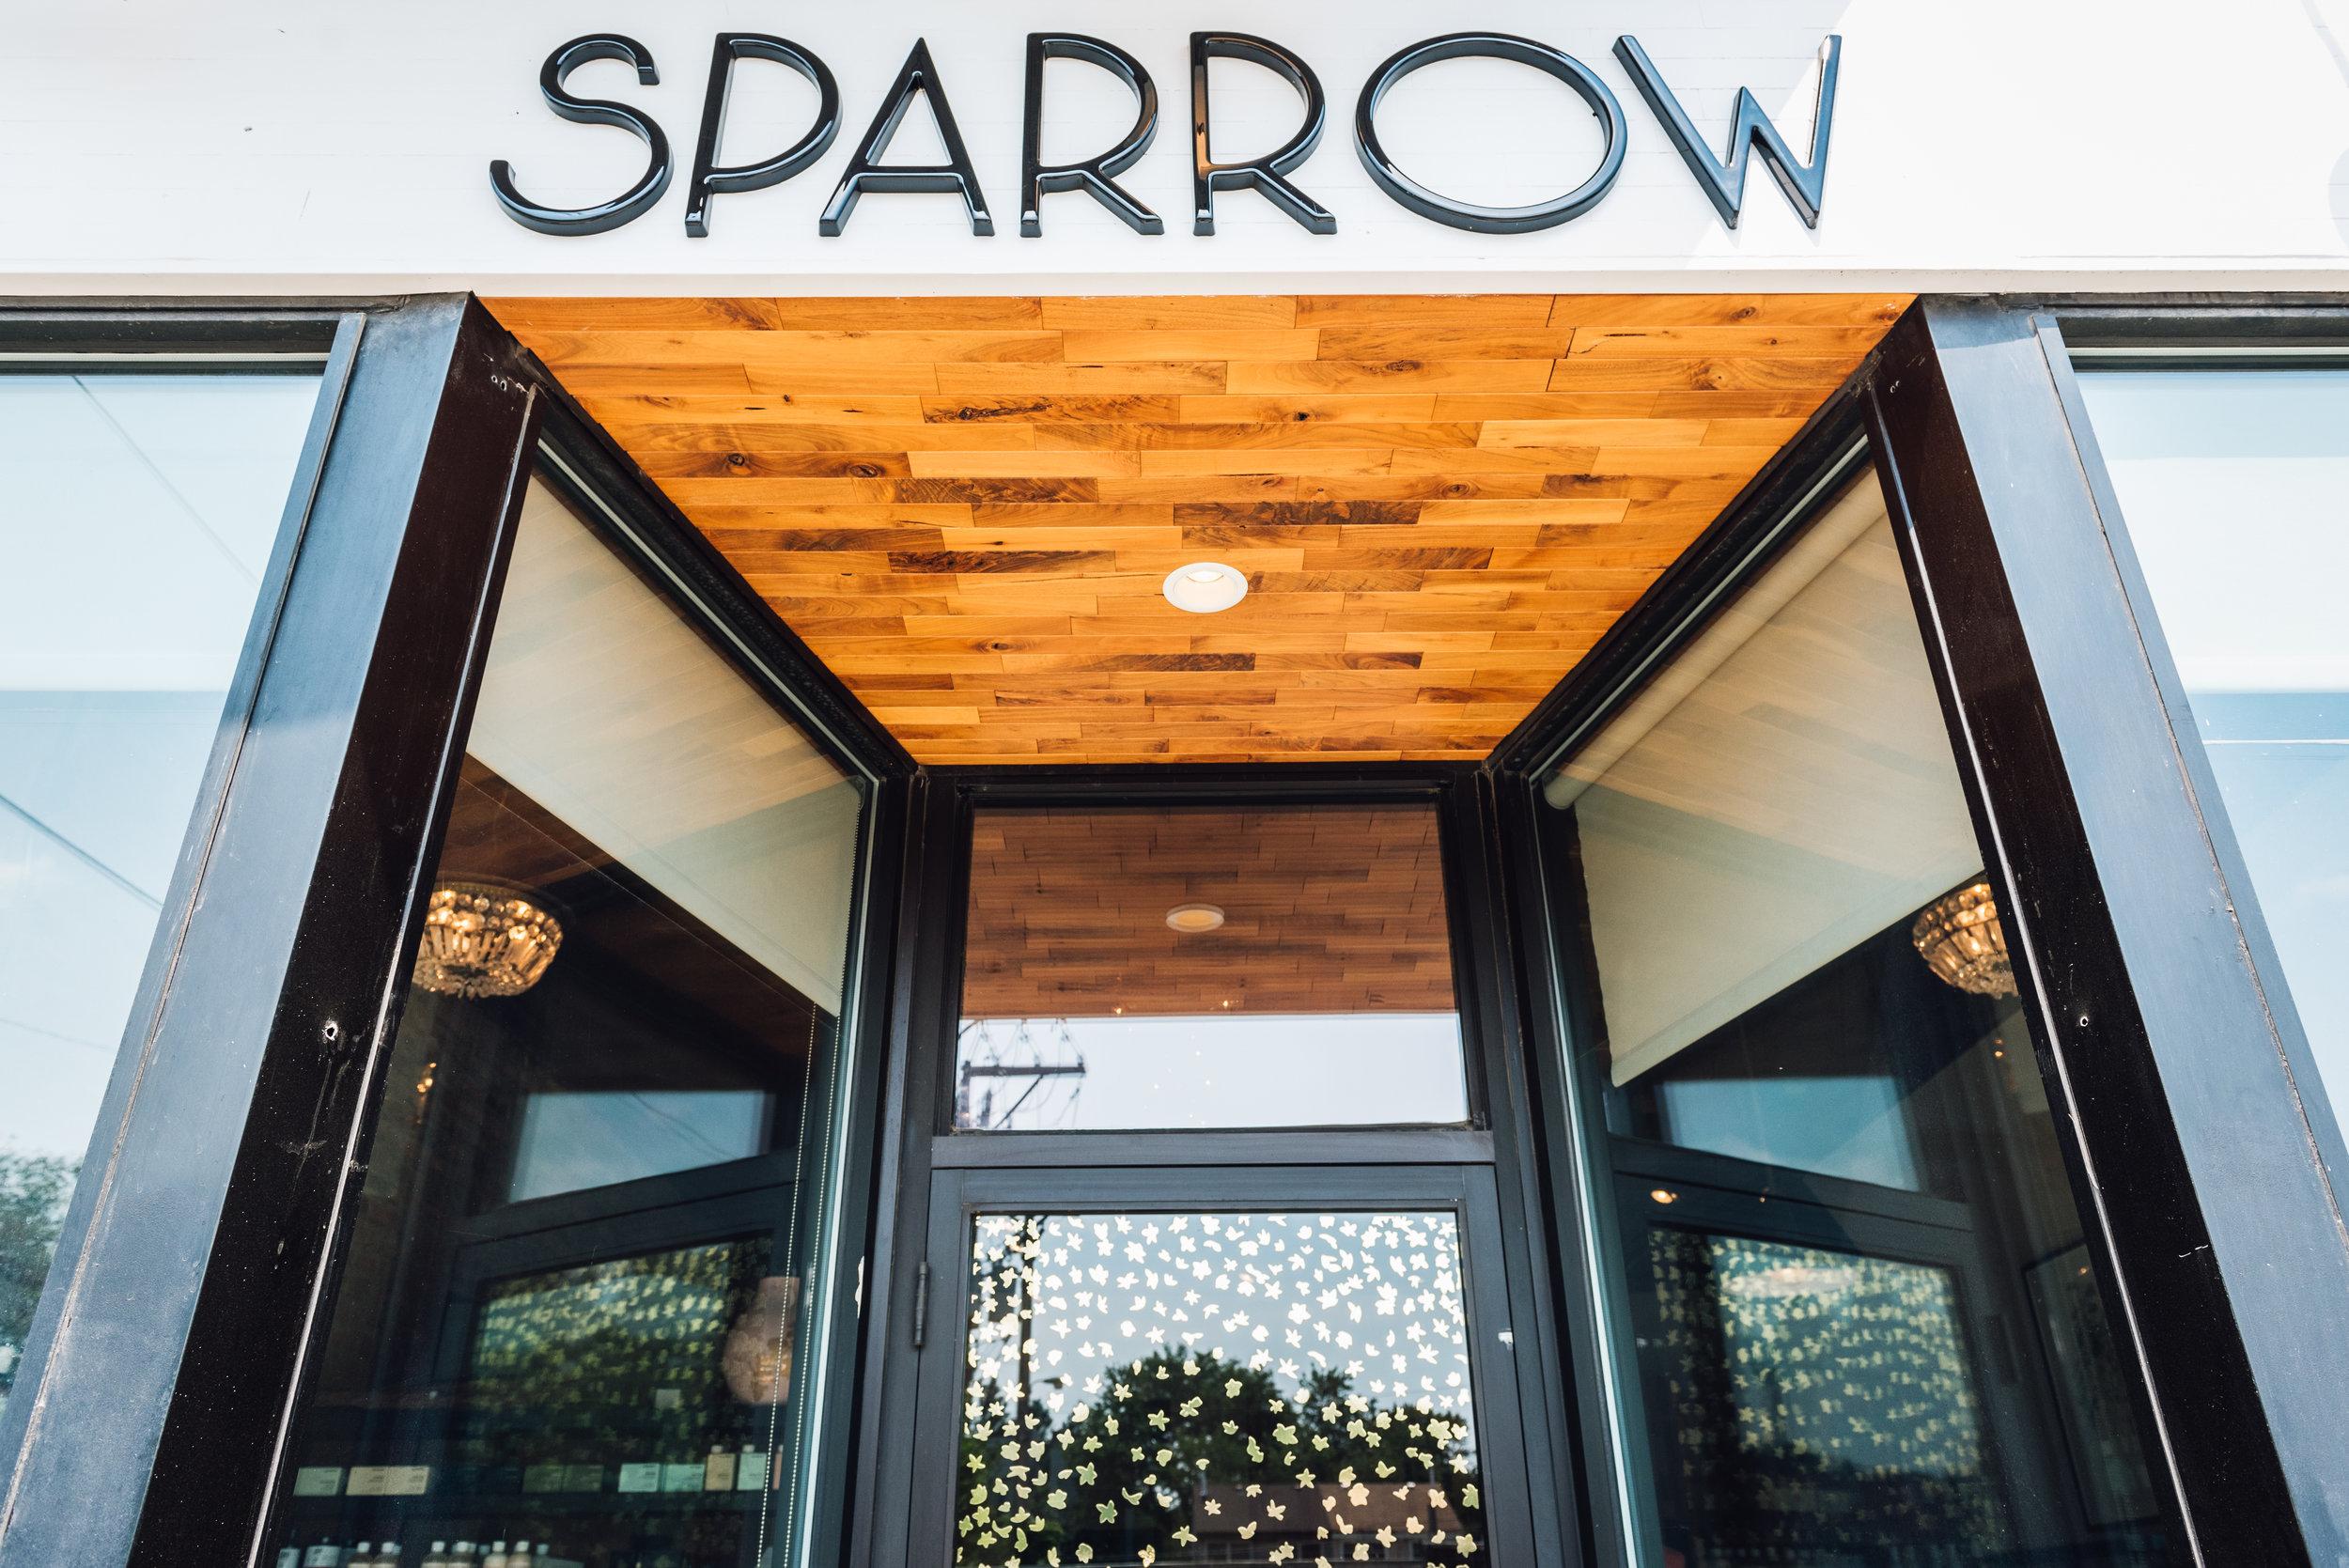 2018_08_10_SparrowSign_115.JPG